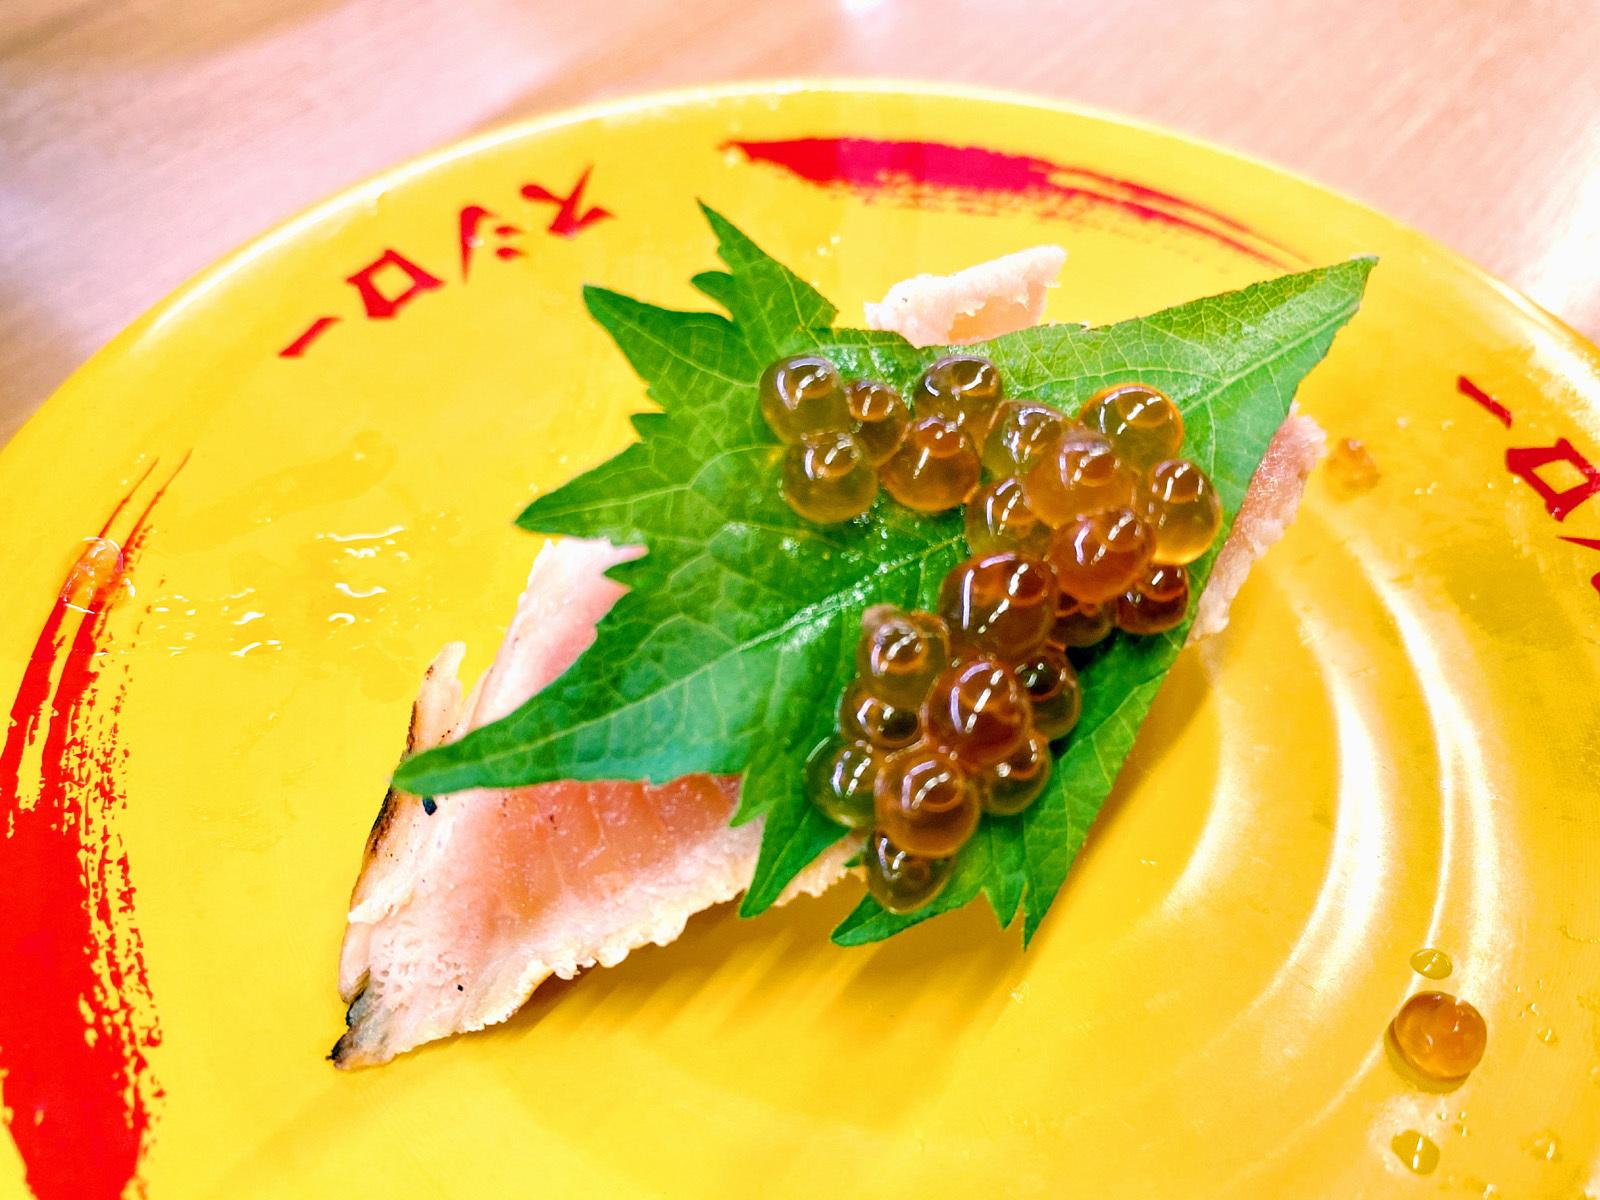 藁焼きサーモン 100円(税抜)